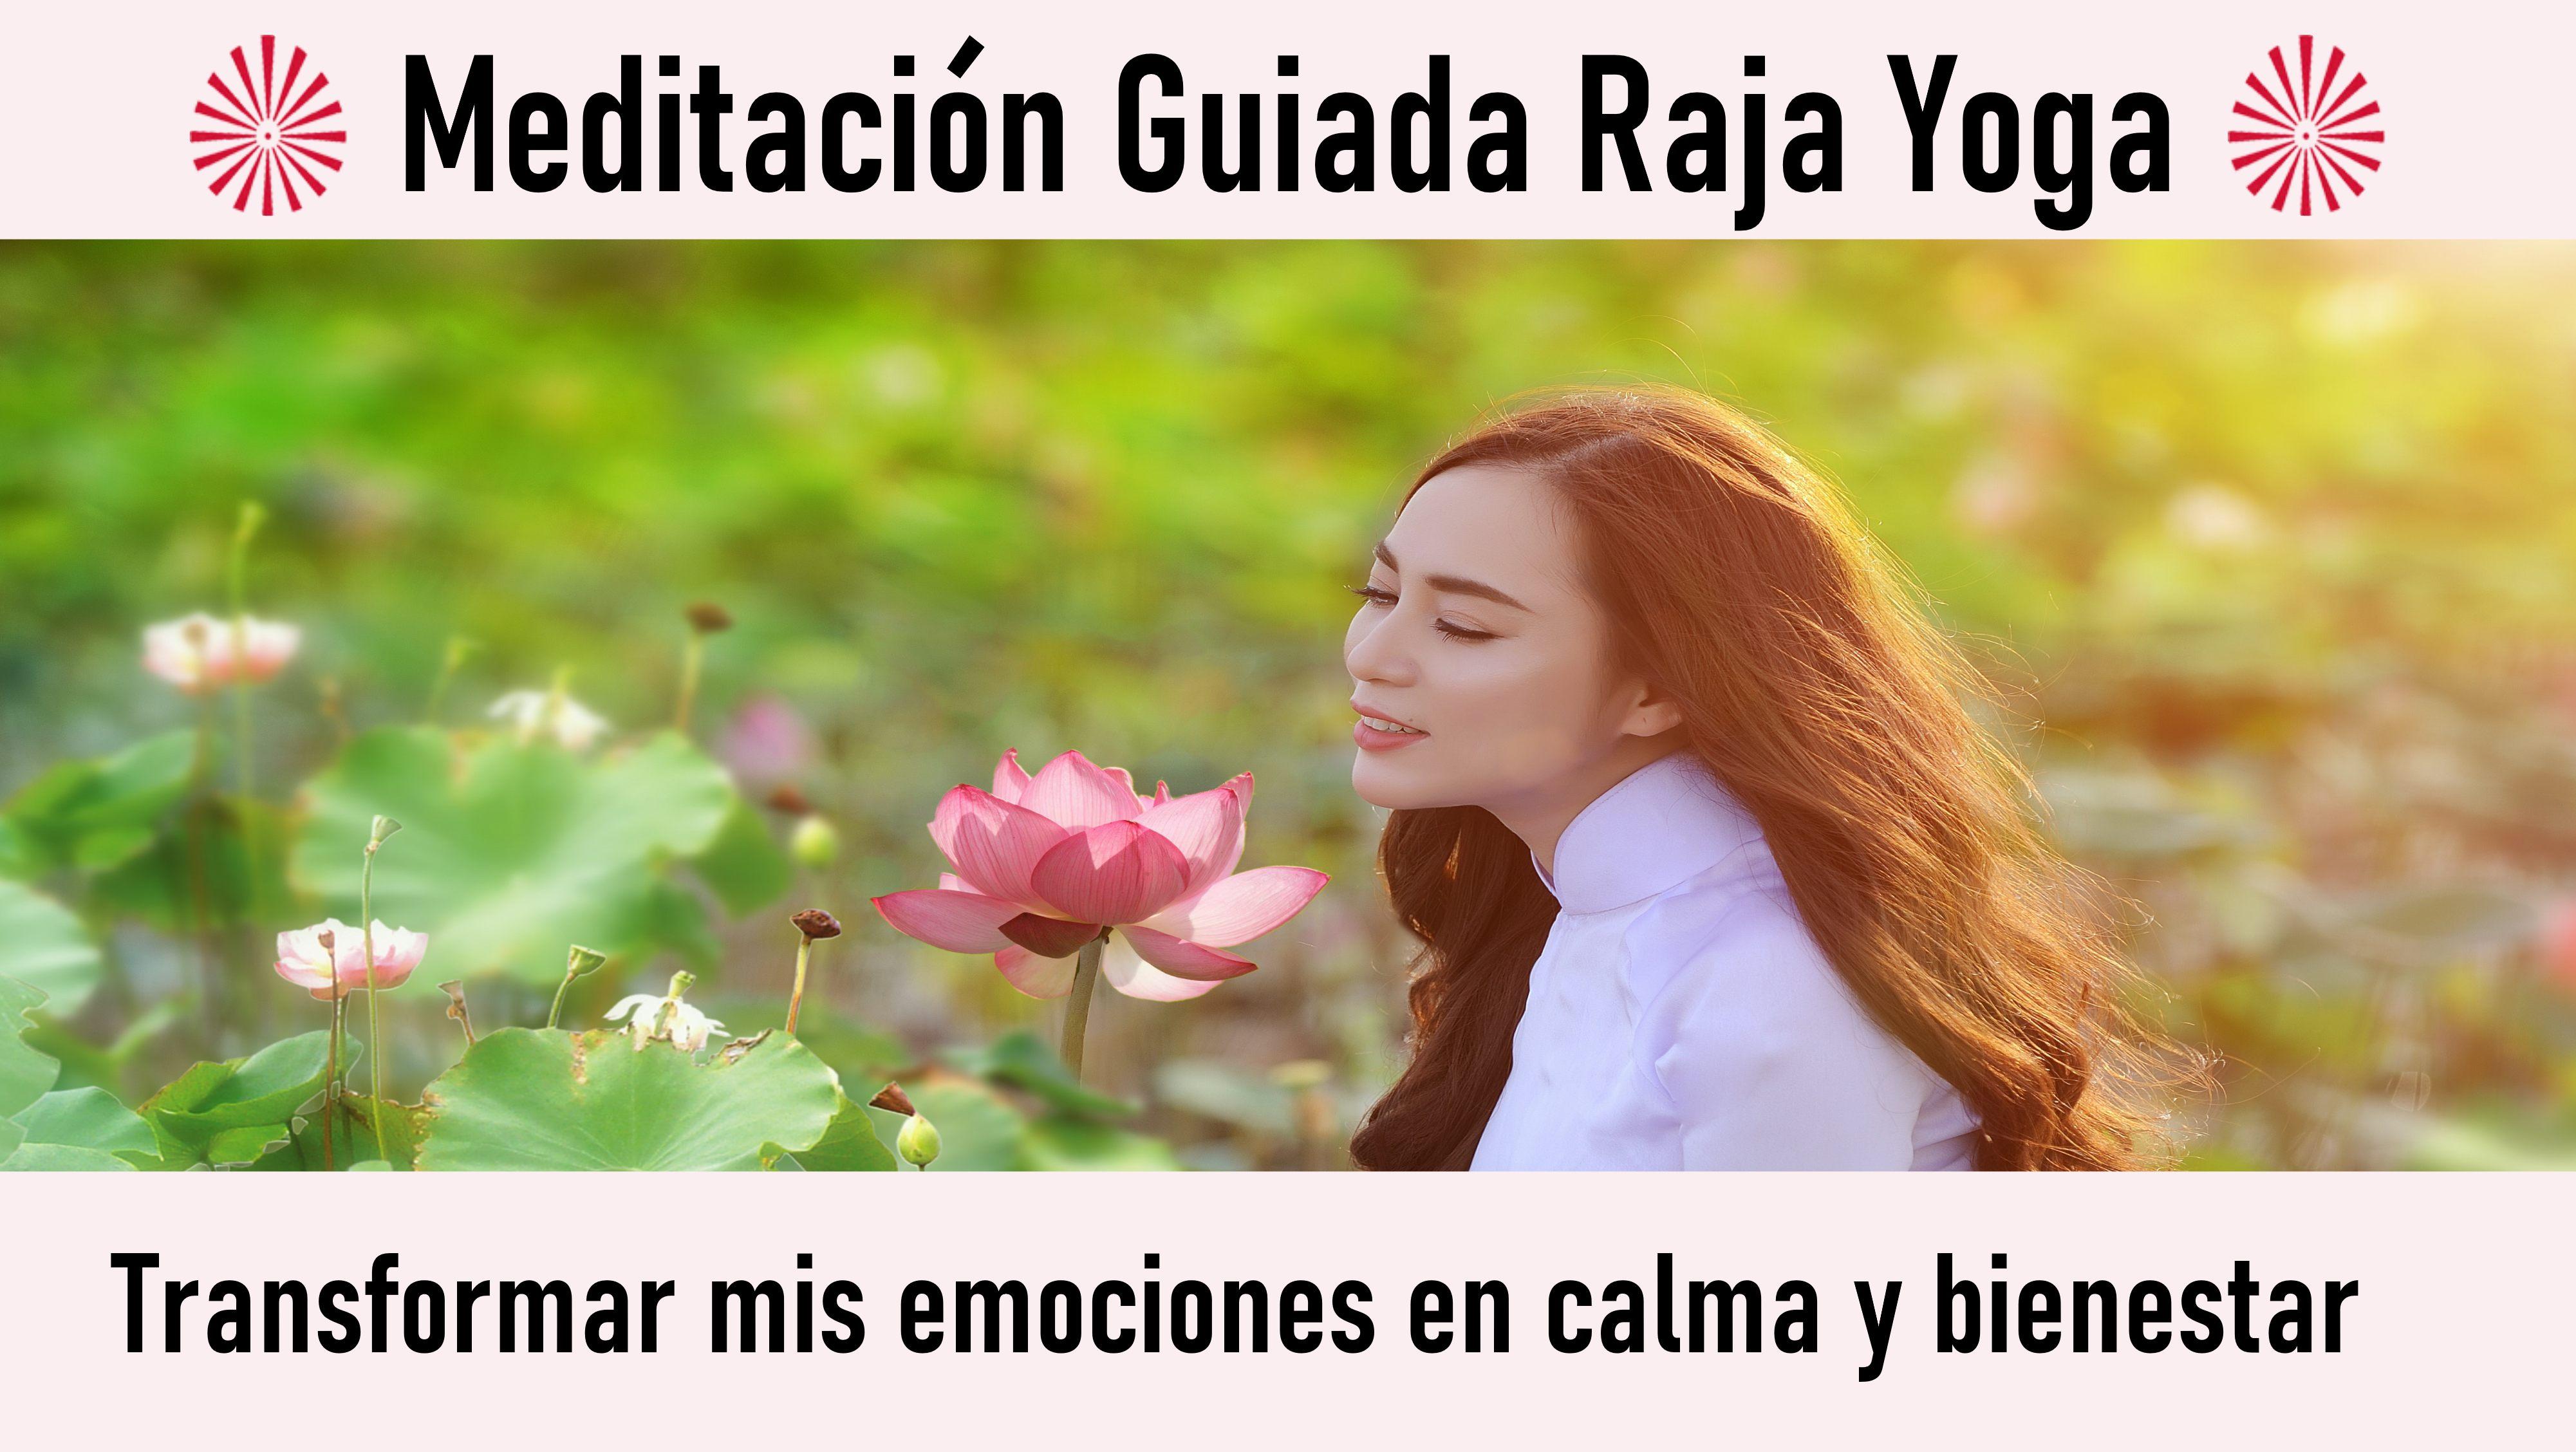 22 Septiembre 2020 Meditación guiada: Transformar mis emociones en calma y bienestar